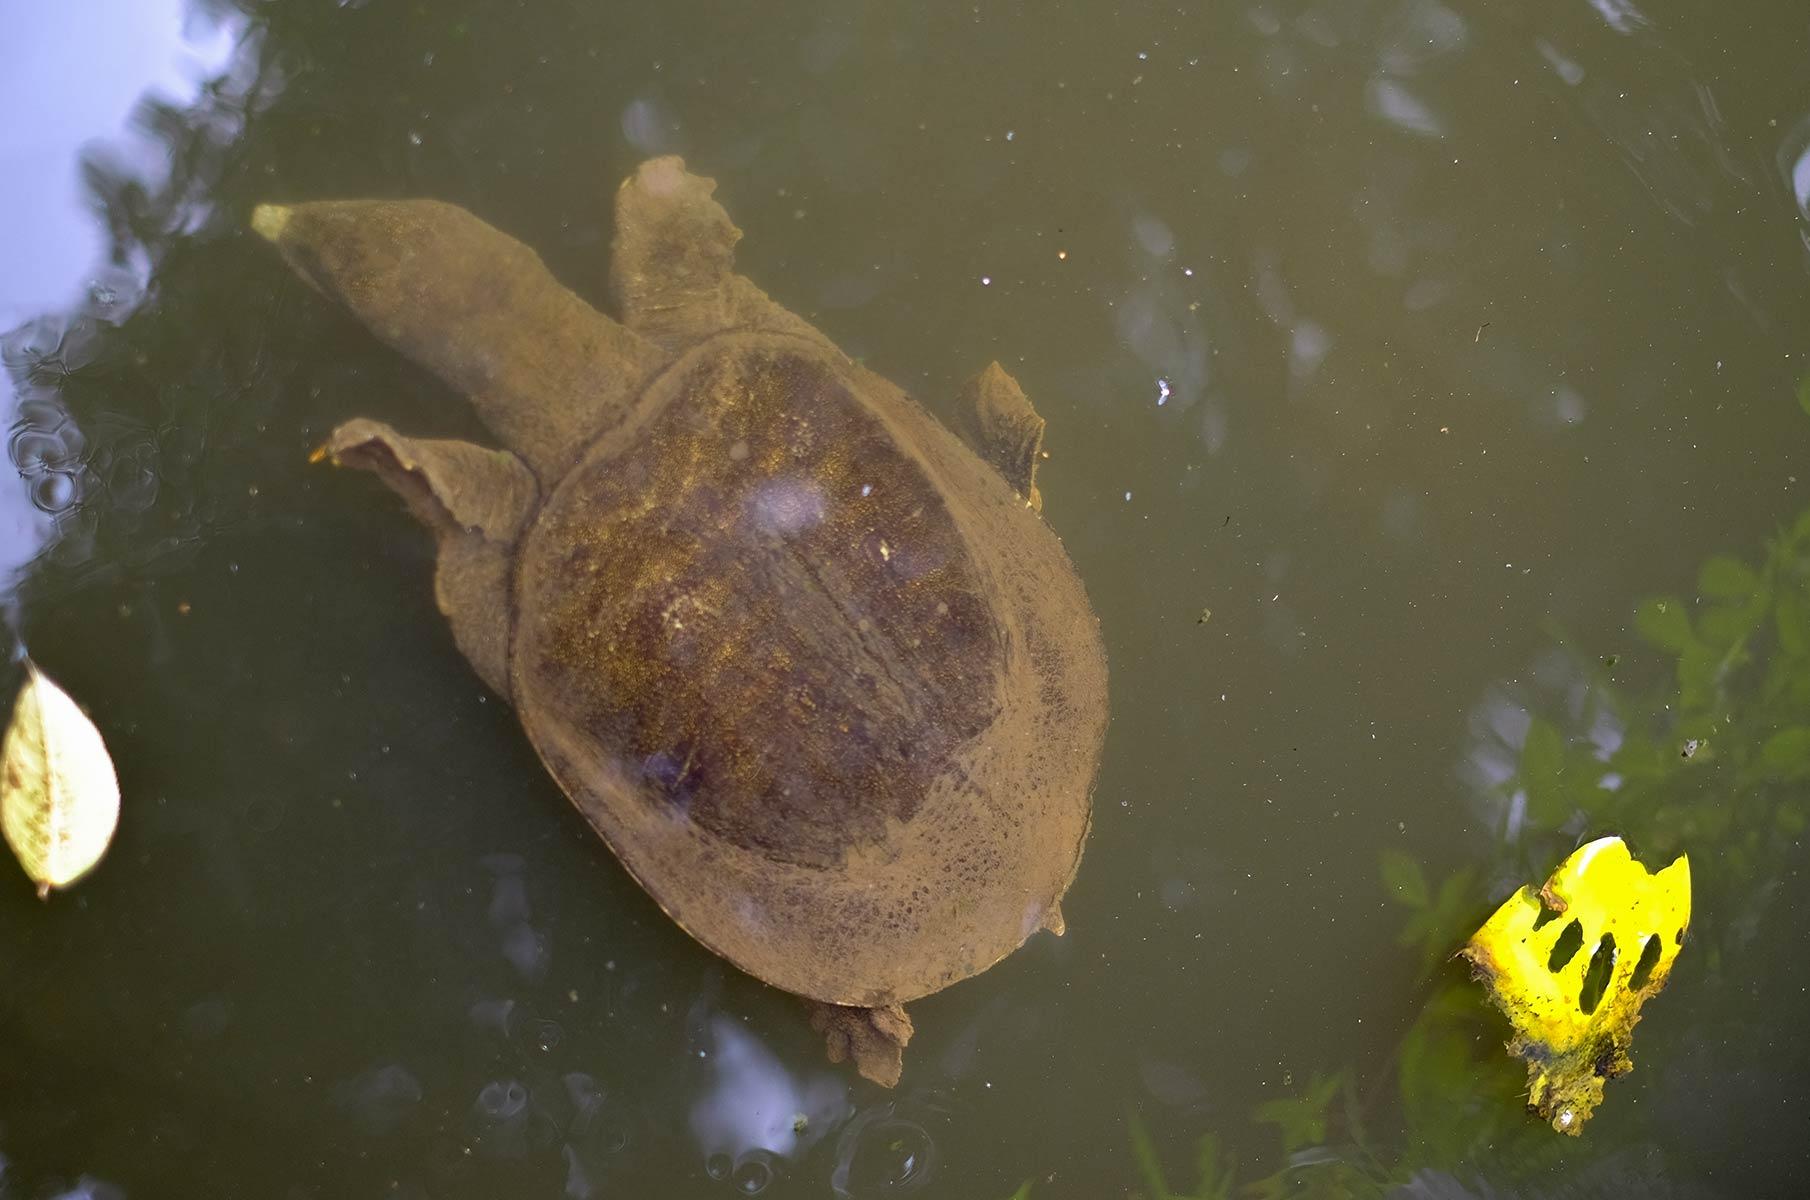 Schildkröte im Yoyogi Park in Tokyo, Japan